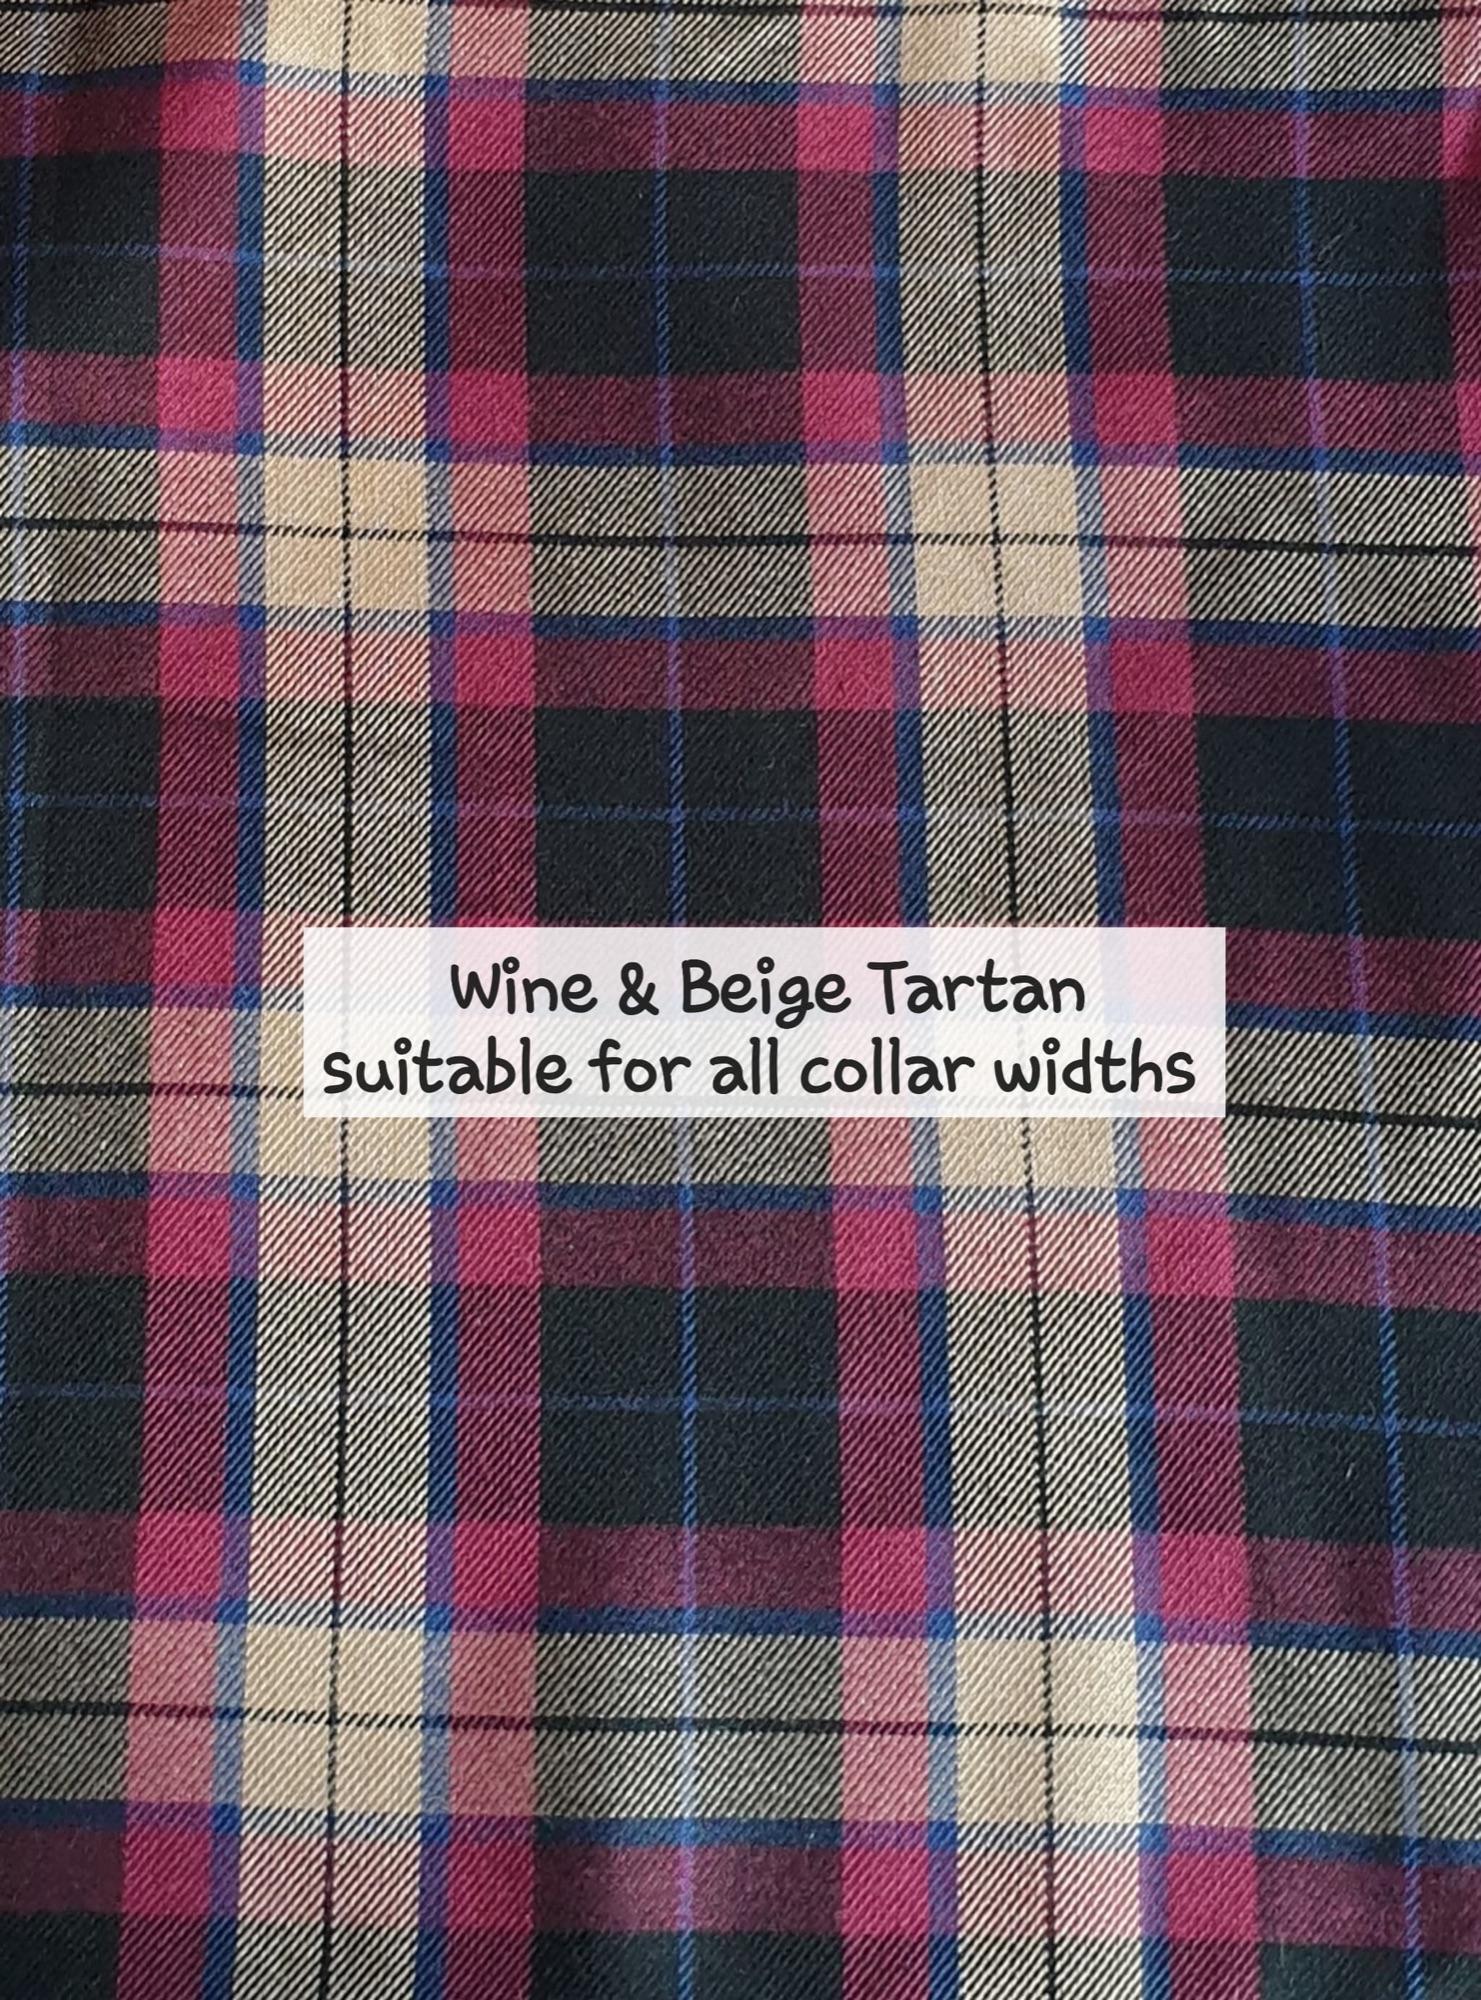 Wine & Beige Tartan